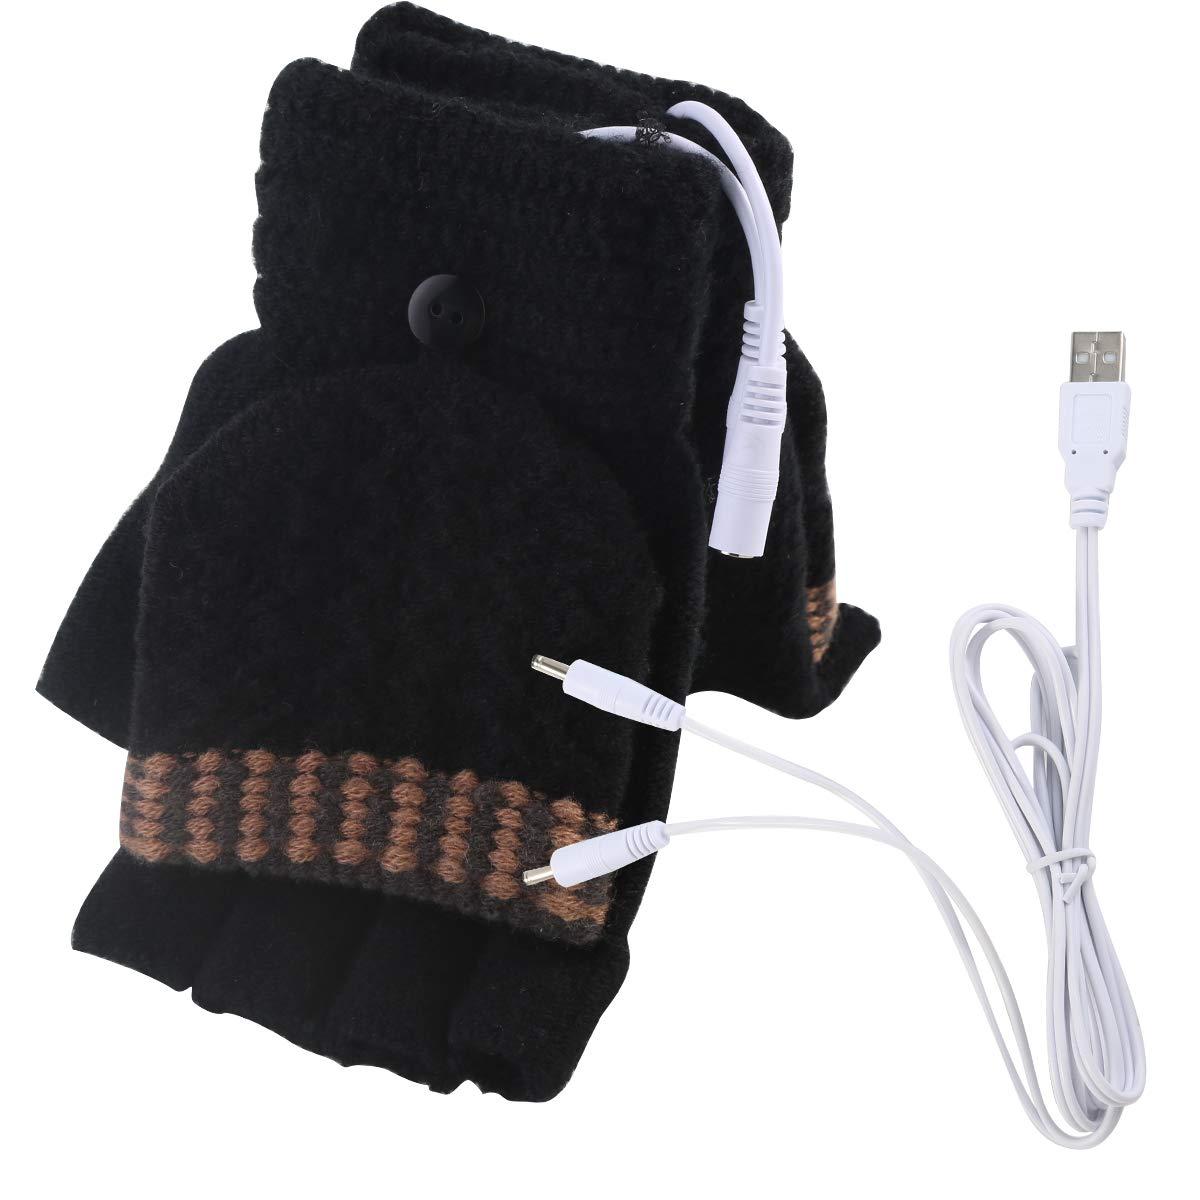 0b9429eb096 Unisex Women s   Men s USB Heated Gloves Mitten Winter Hands Warm Laptop  Gloves